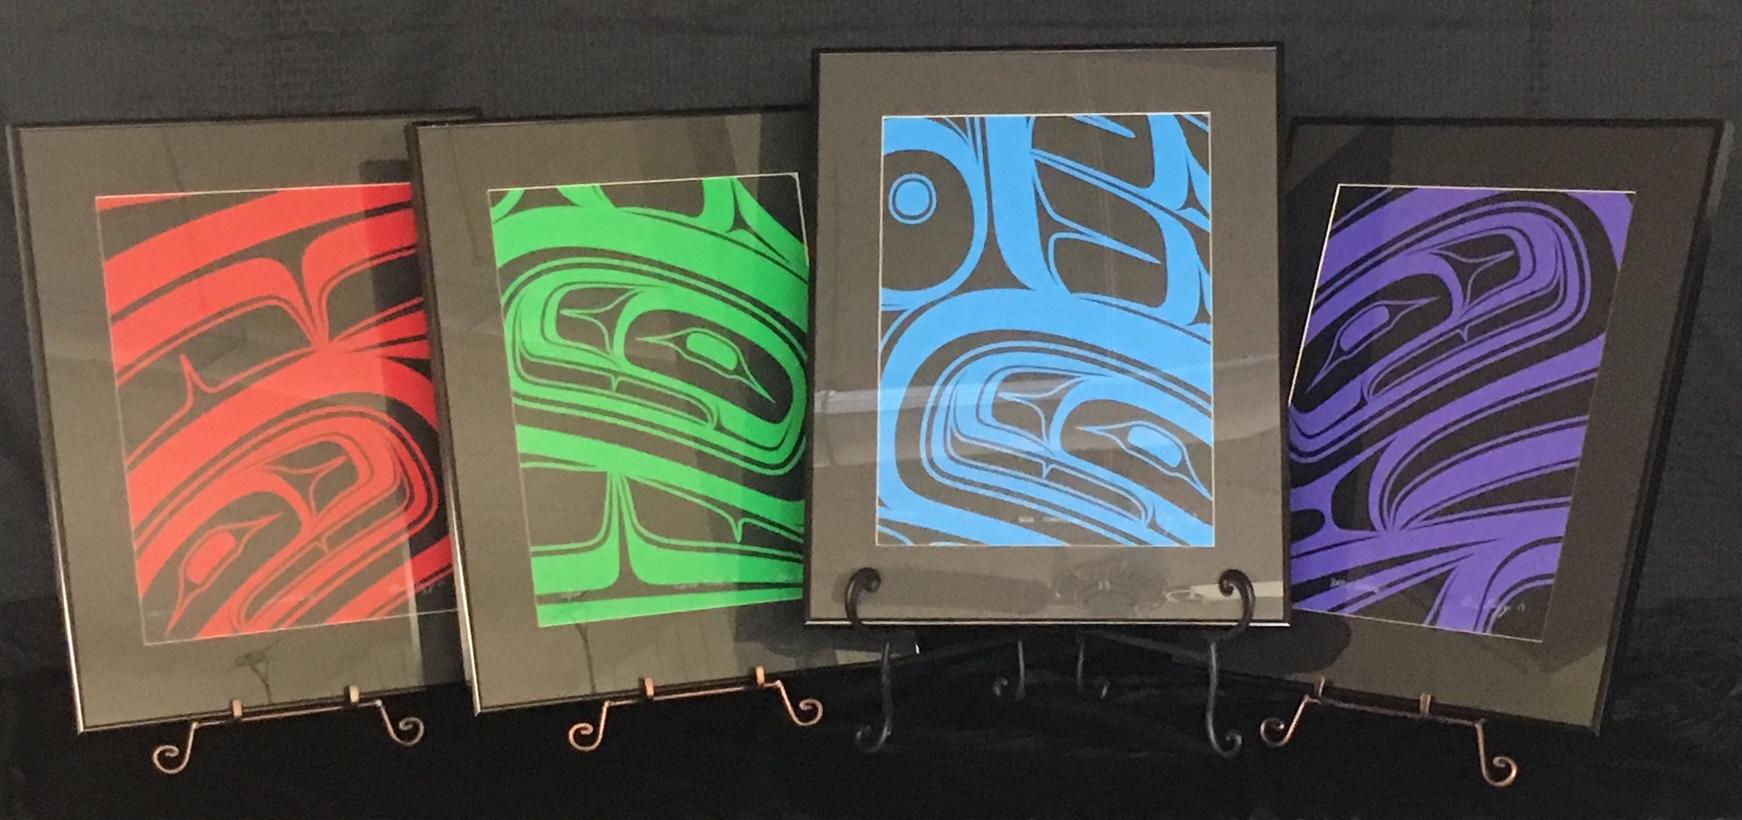 Formline Print Set by Alano Edzerza